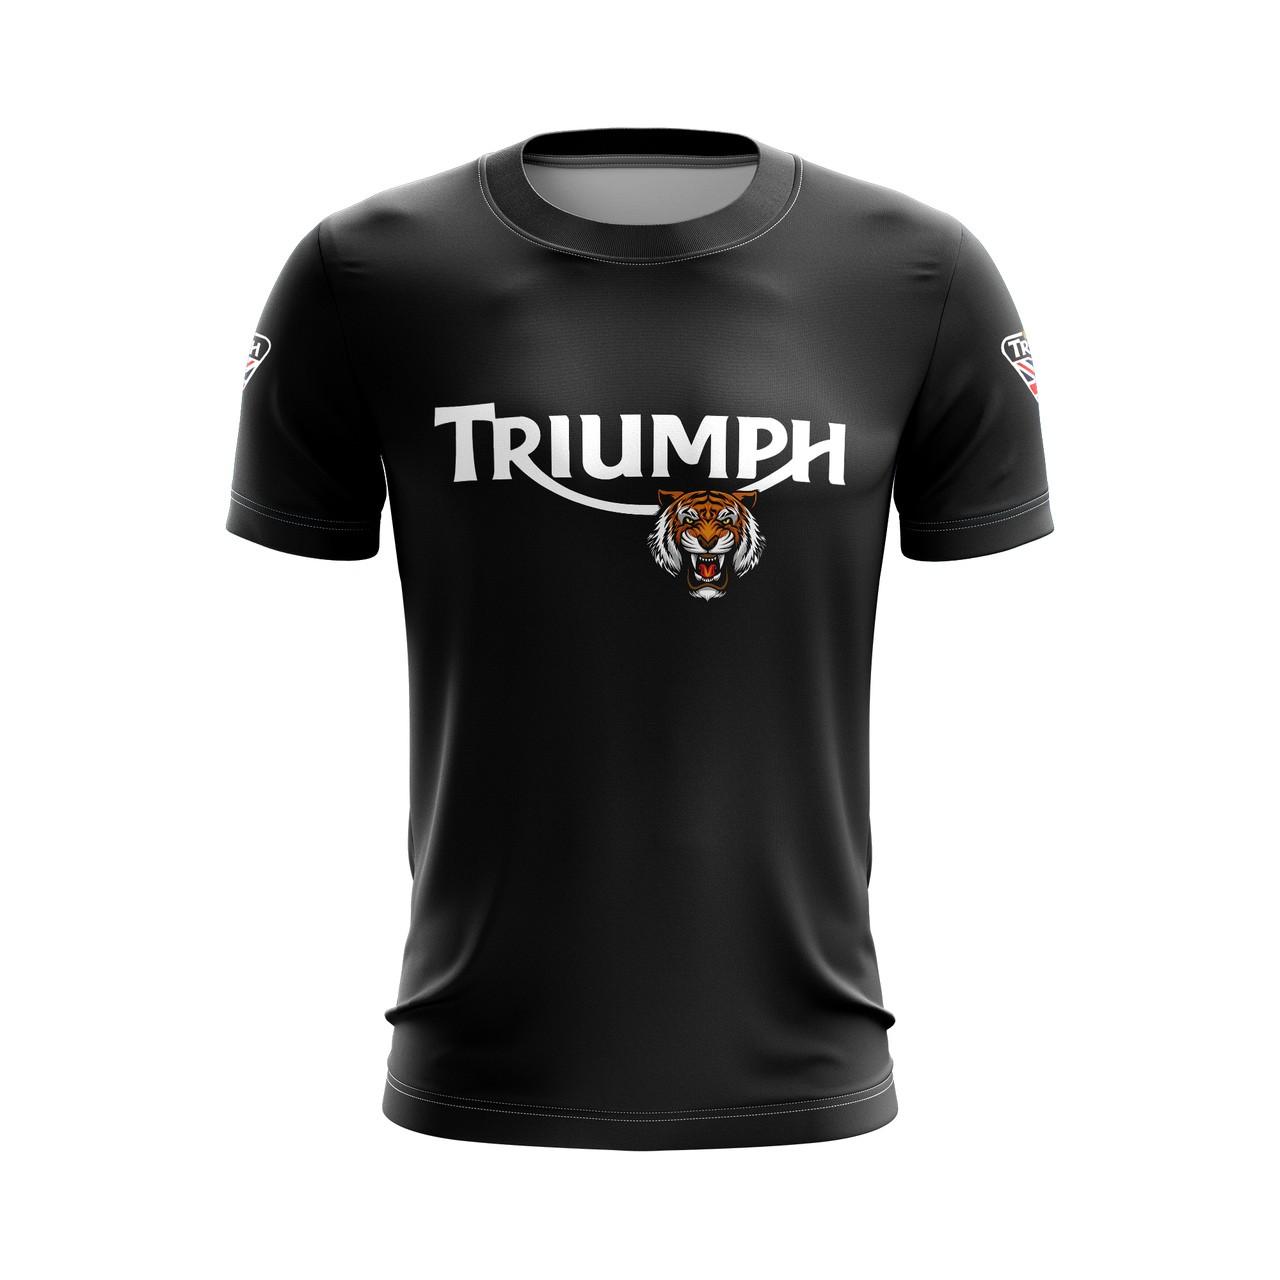 Camiseta Casual Brk Motociclismo Triumph Ride a Tiger com FPU 50+